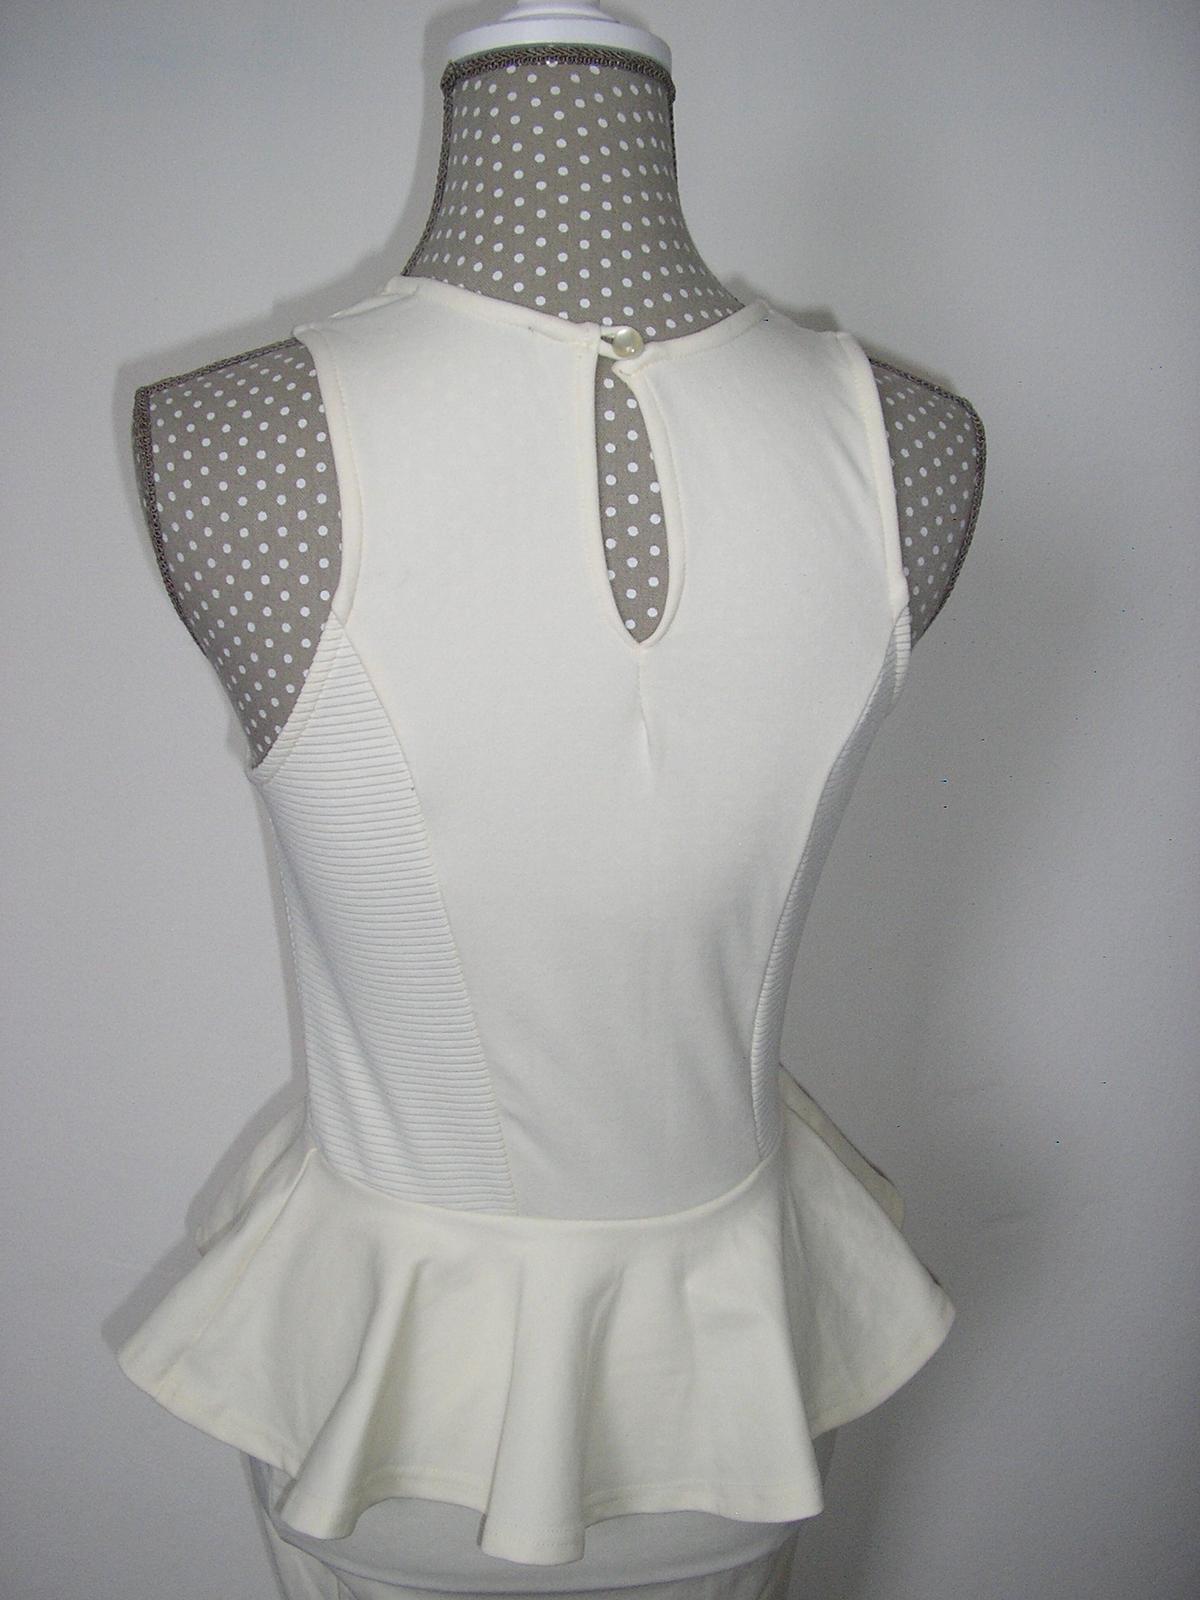 1337. Athmosphere šaty - Obrázok č. 2